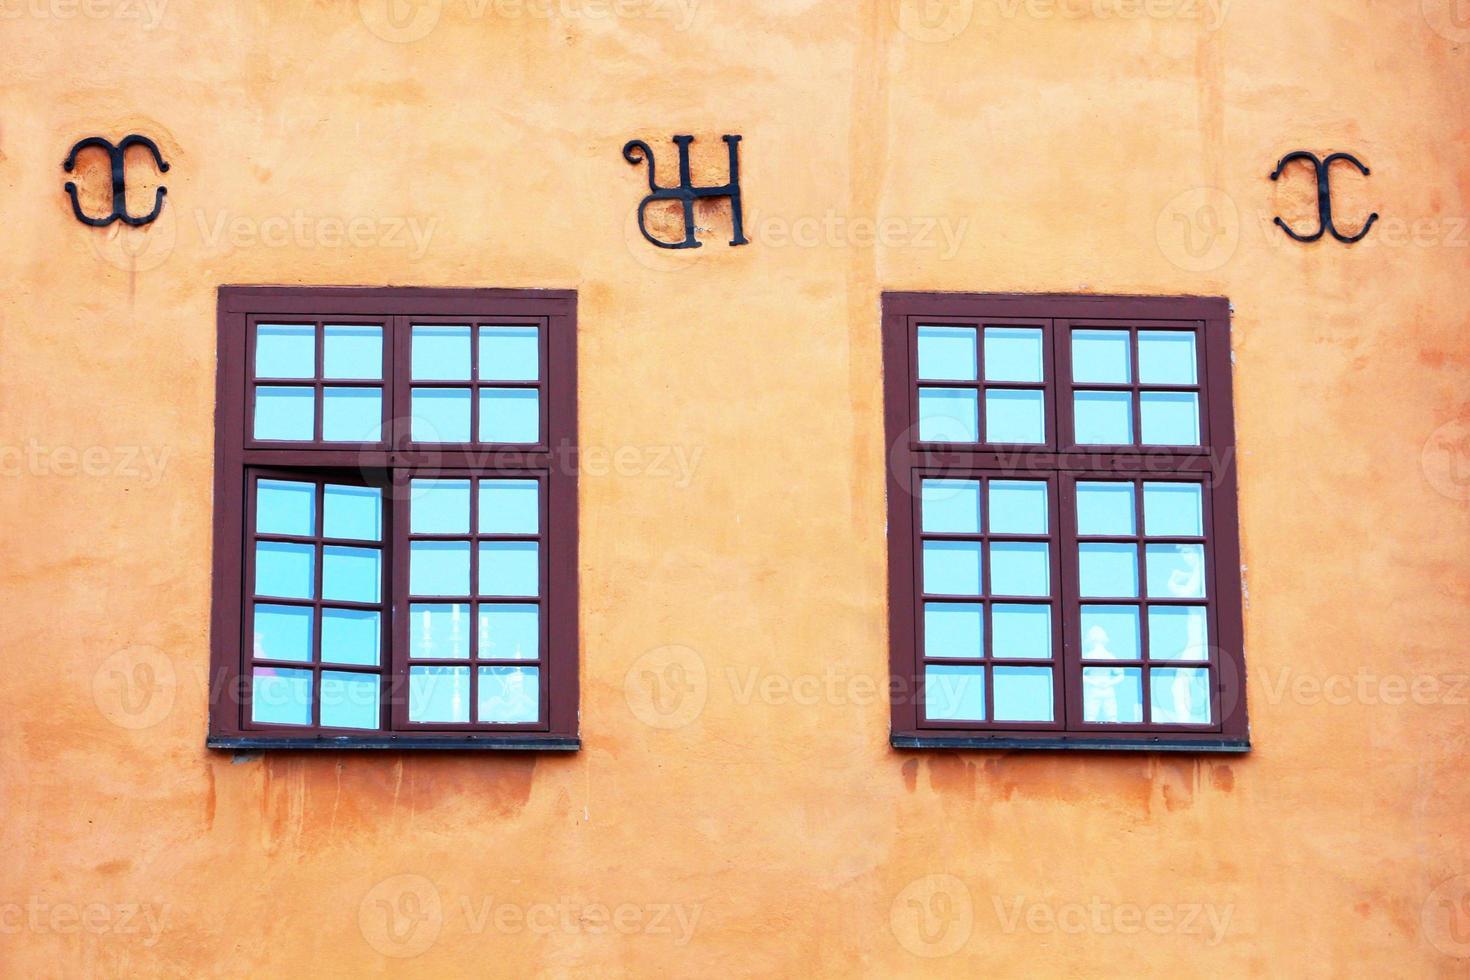 fönster i gula ikoniska byggnader på stortorget i stockholm, sverige foto